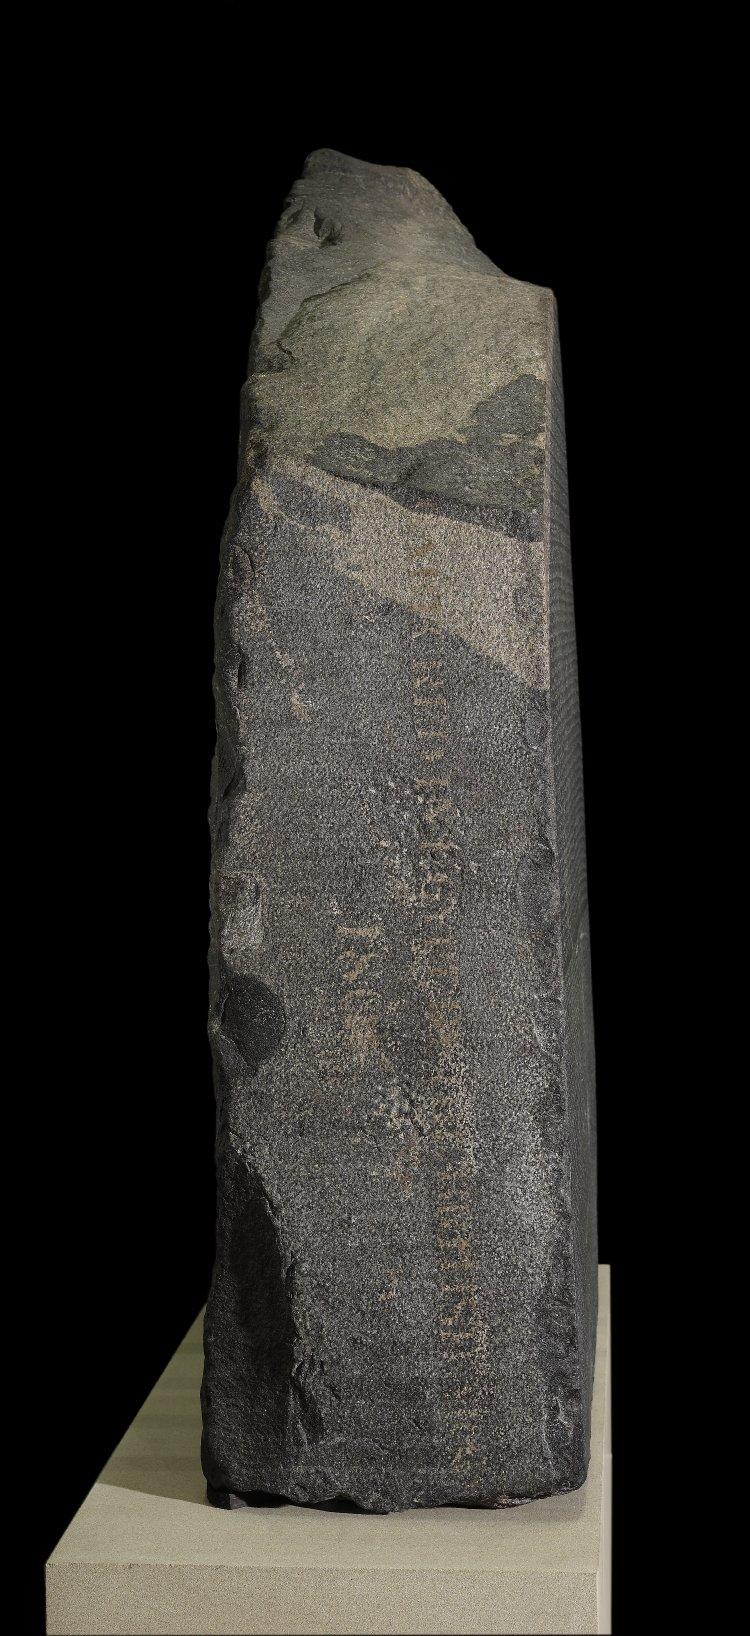 British Museum: The Rosetta Stone Right. Photo Credit: © British Museum, London.